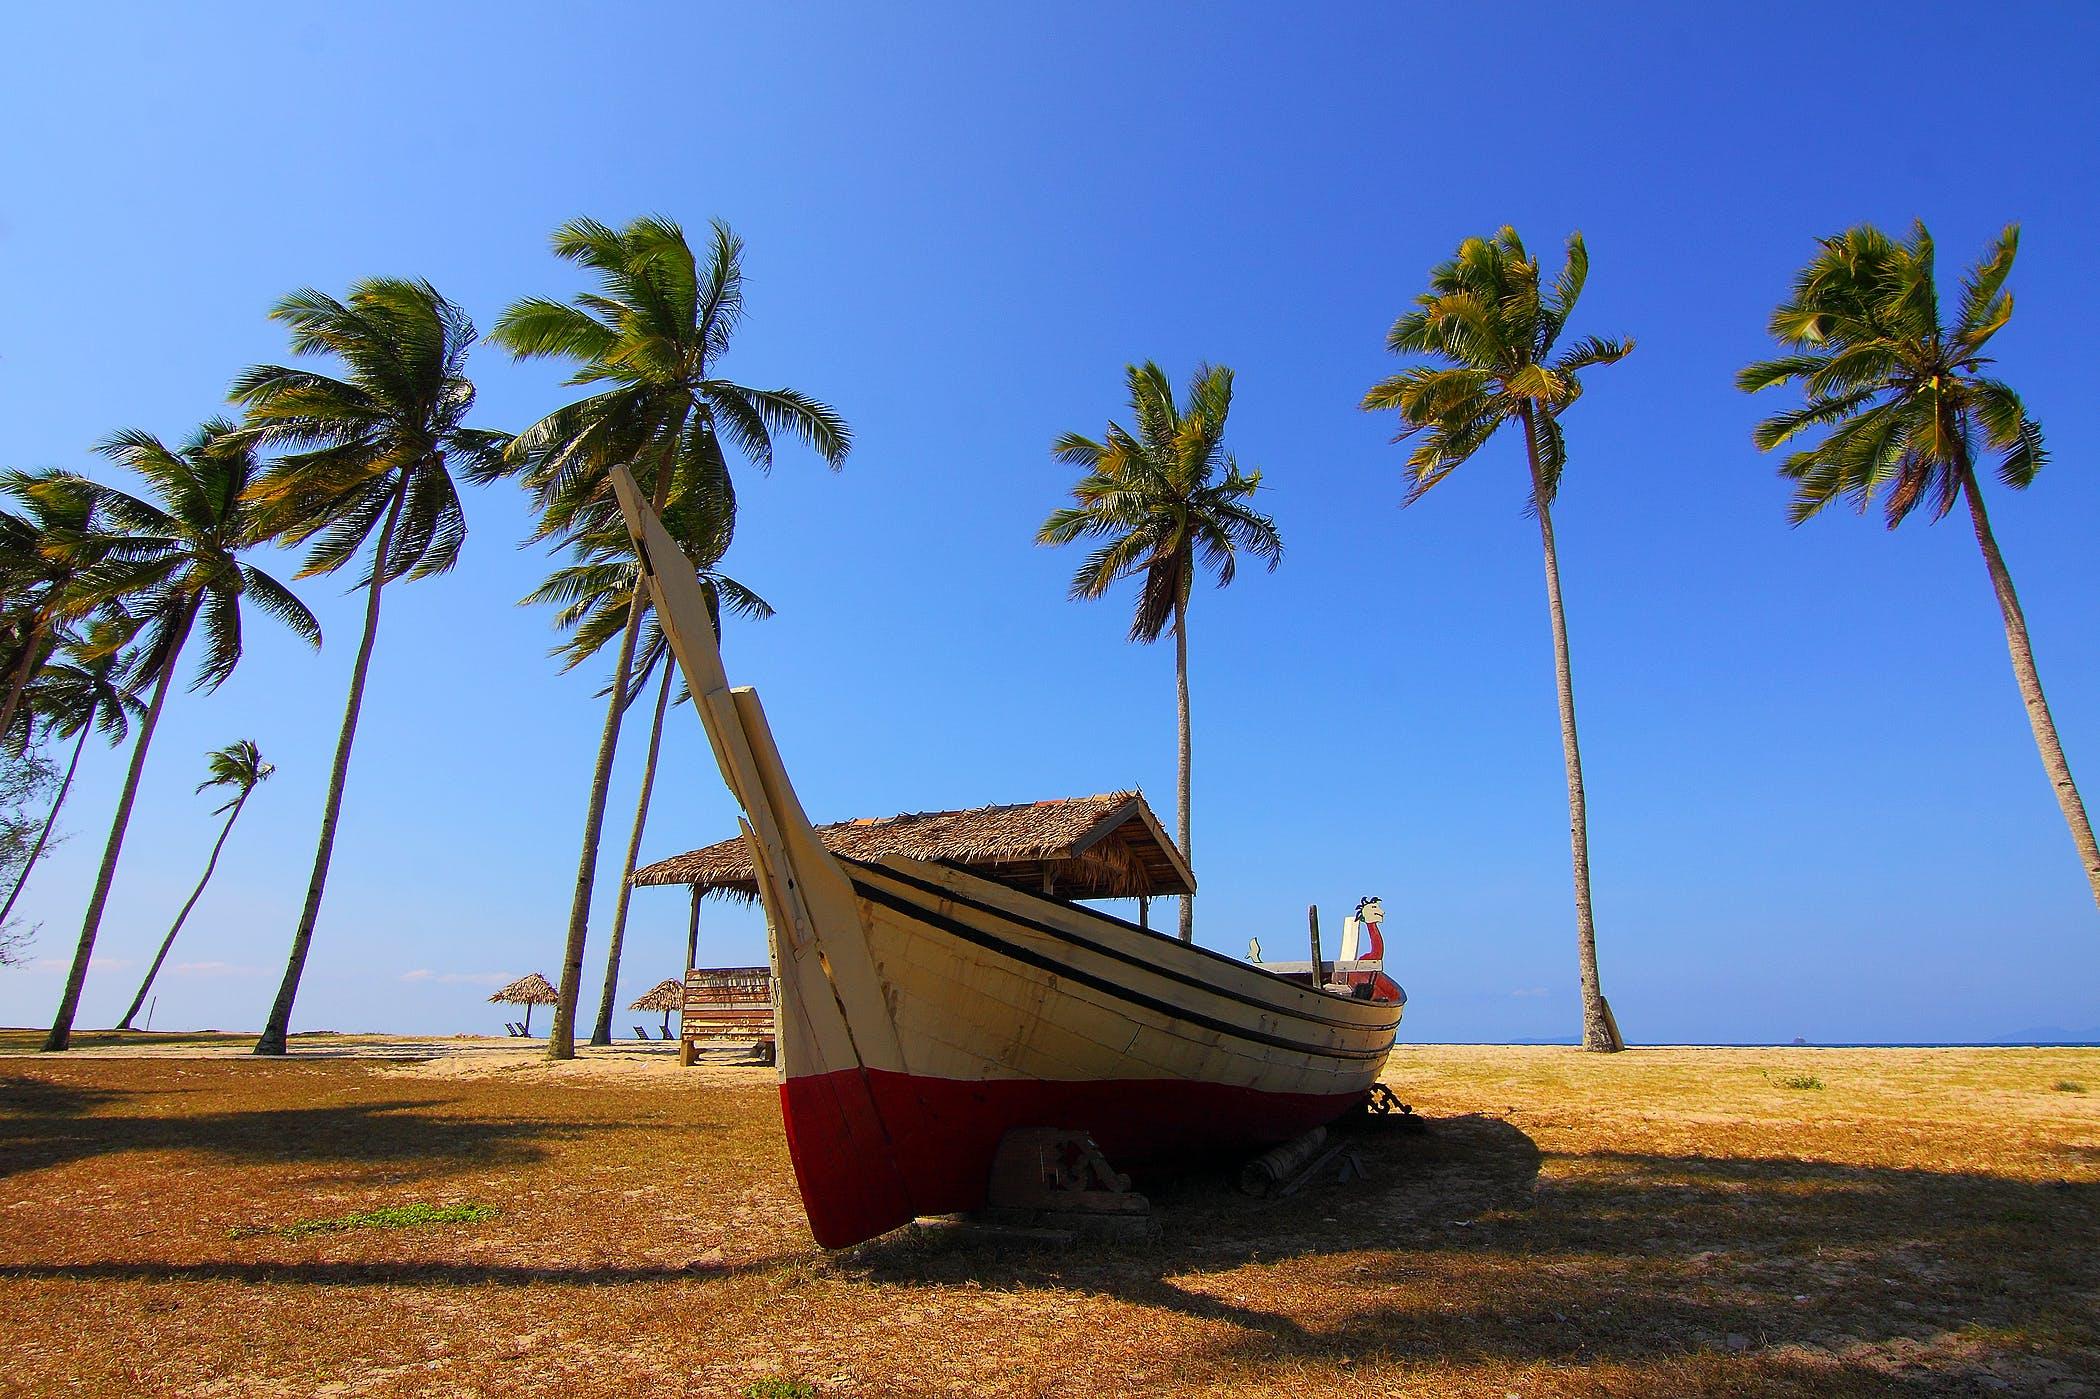 ココナッツ, シースケープ, パルム, ビーチの無料の写真素材